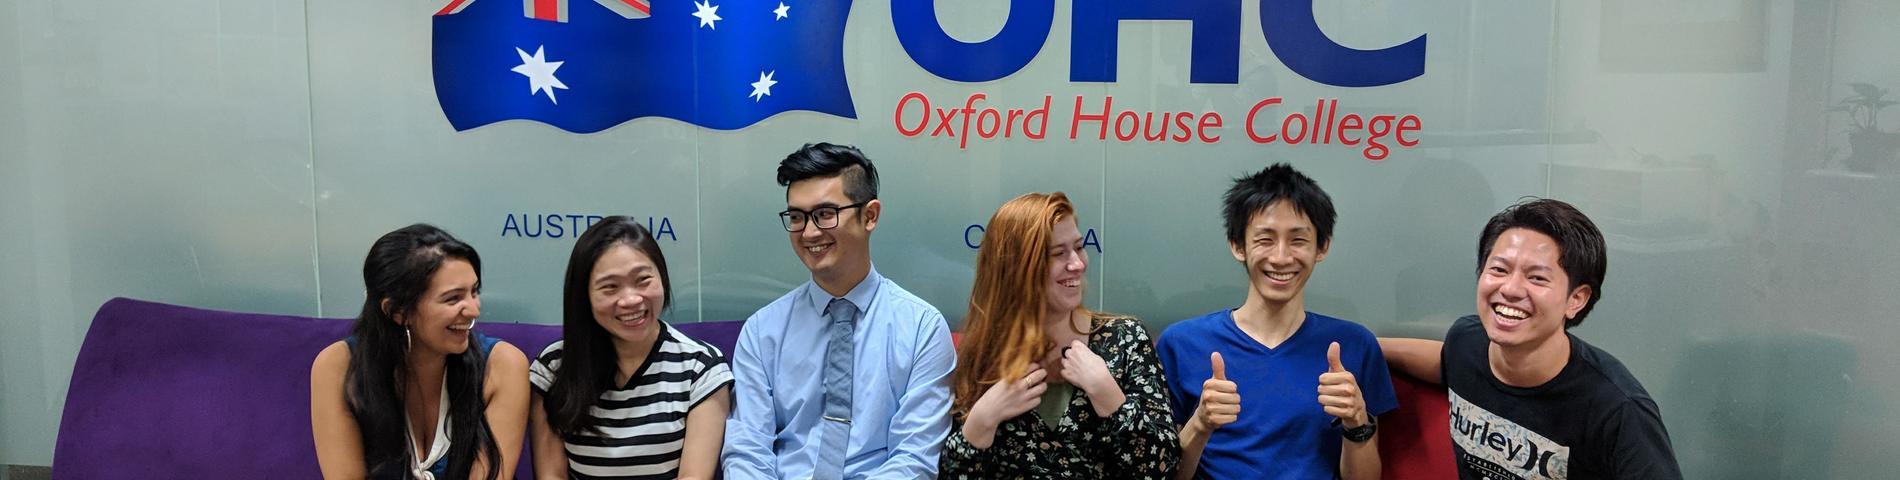 OHC English Bild 1